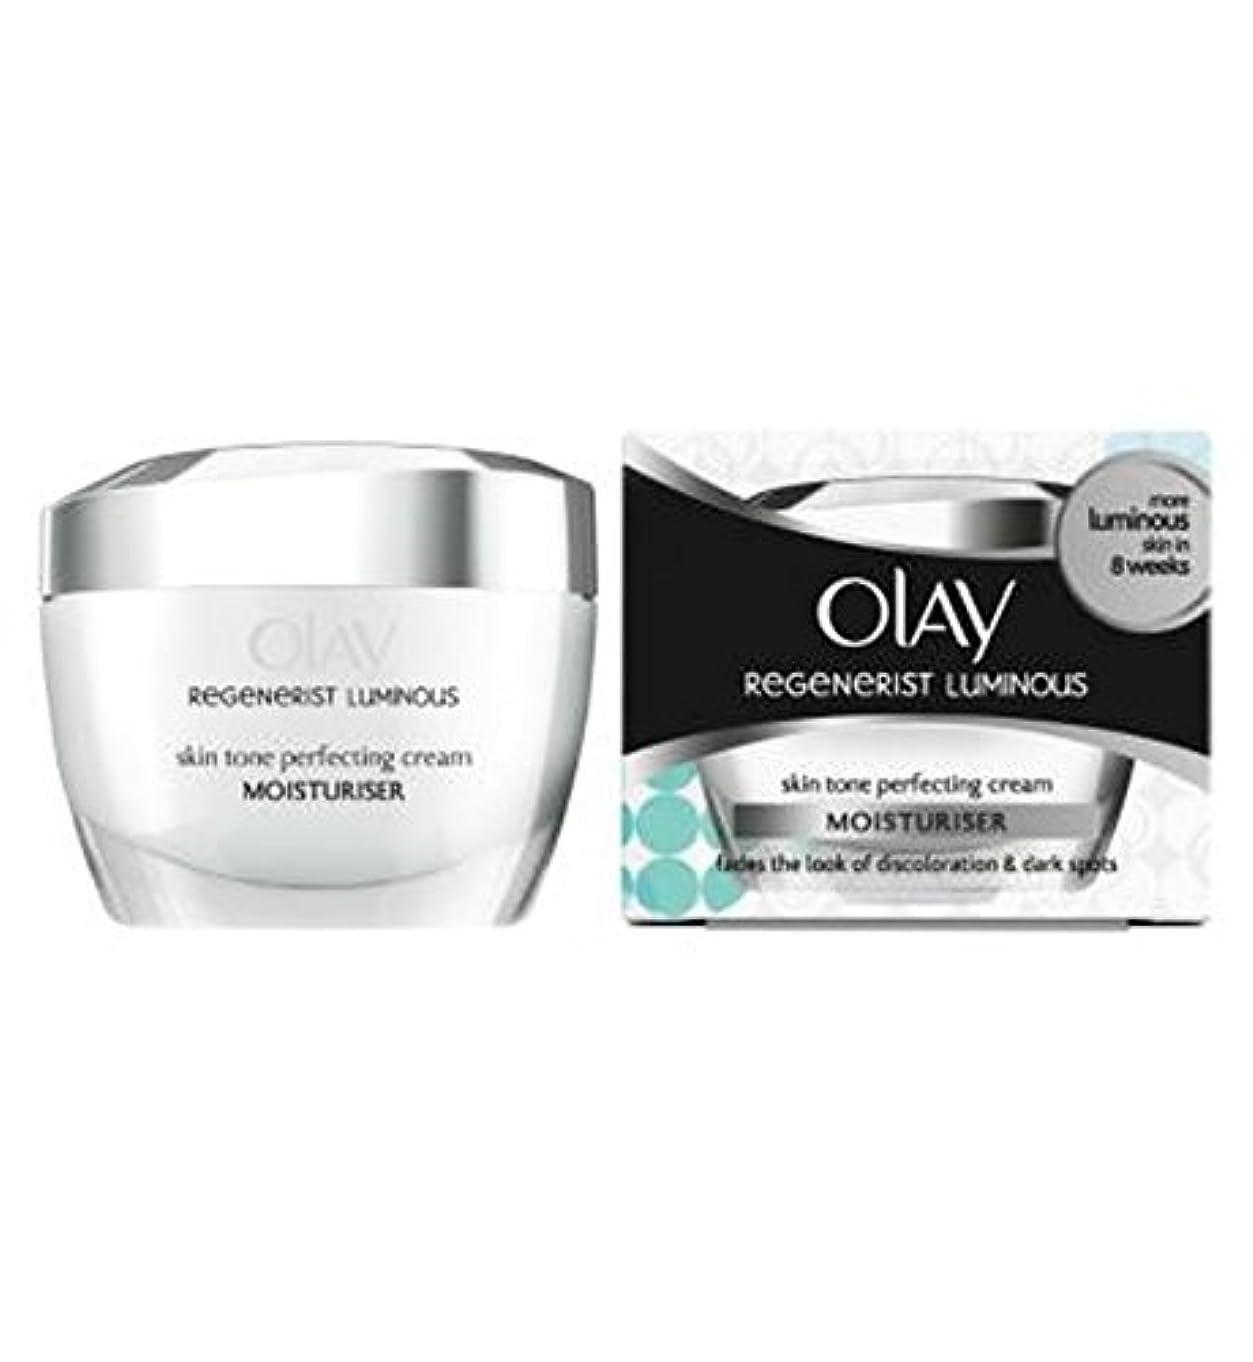 記憶に残る落ち着くベルベットOlay Regenerist Luminous Skin Tone Perfecting Day Cream 50ml - デイクリーム50ミリリットルを完成オーレイリジェネ発光肌のトーン (Olay) [並行輸入品]